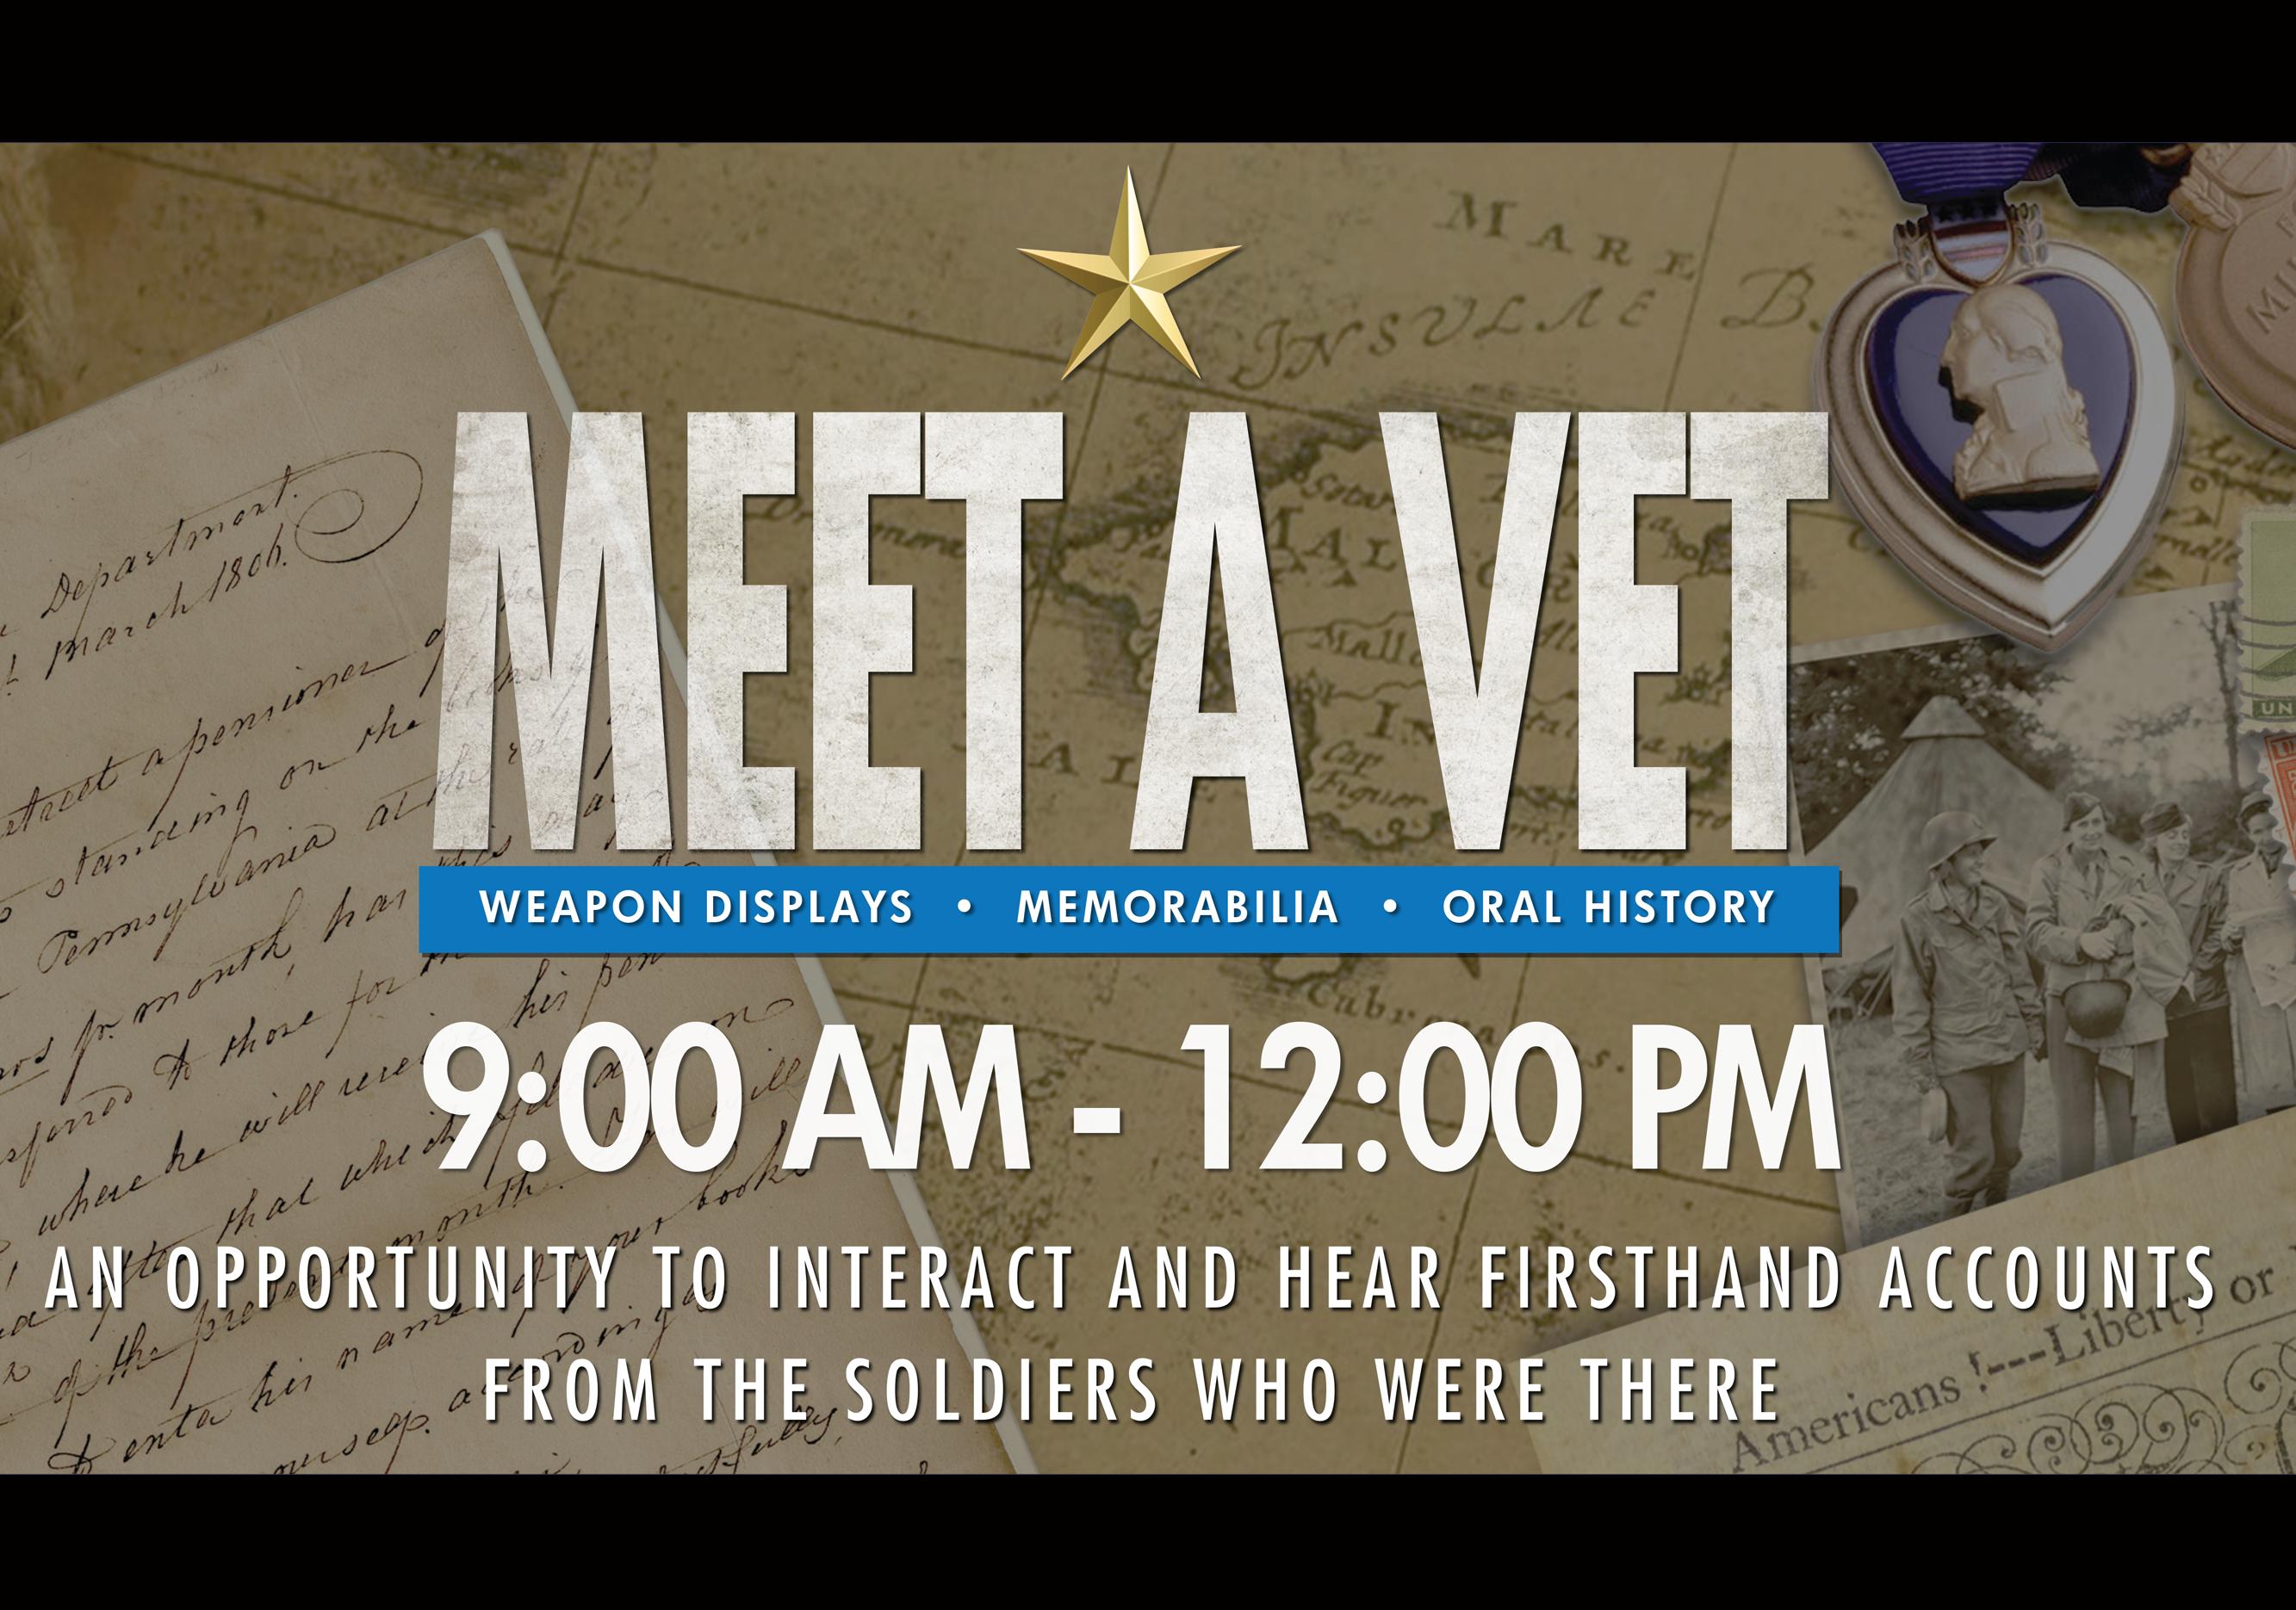 Meet A Vet & Third Saturday Tours!